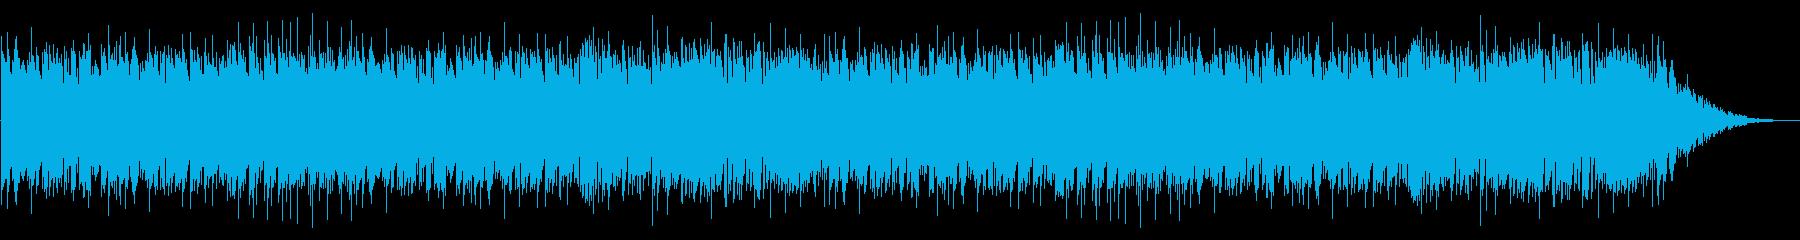 NES アクションC09-1(エンディンの再生済みの波形